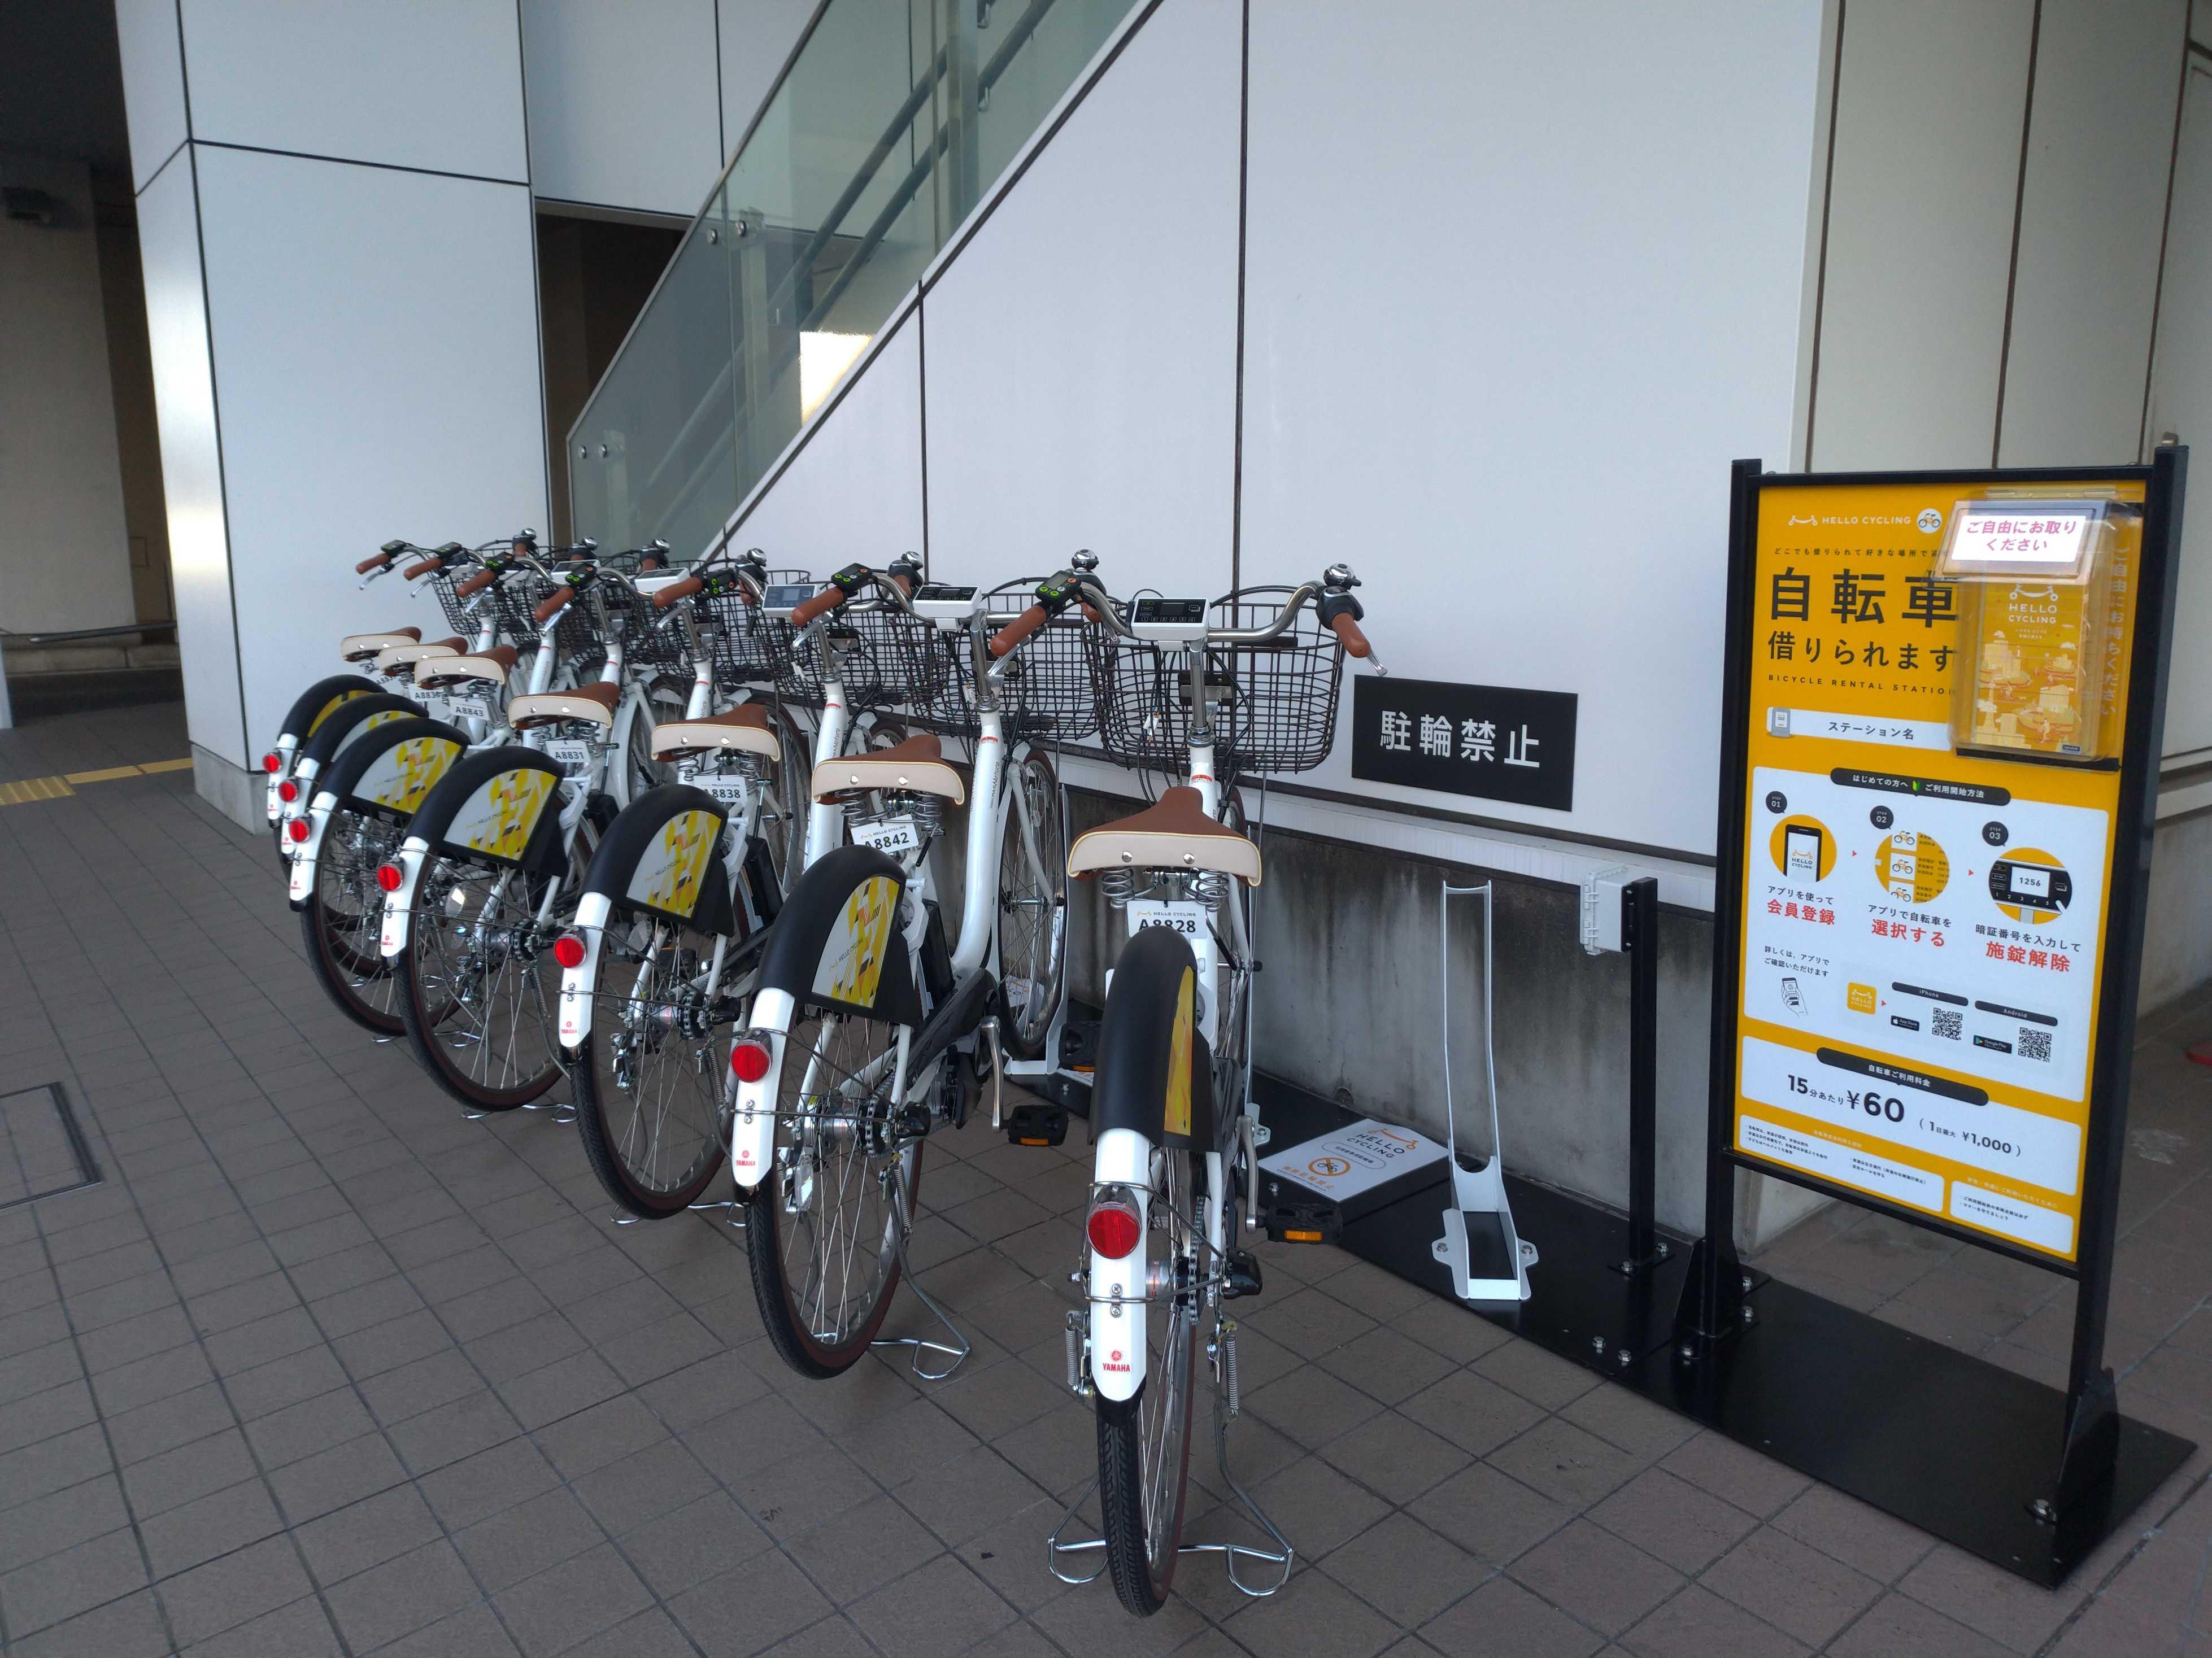 さいたま新都心駅西口 (HELLO CYCLING ポート) image